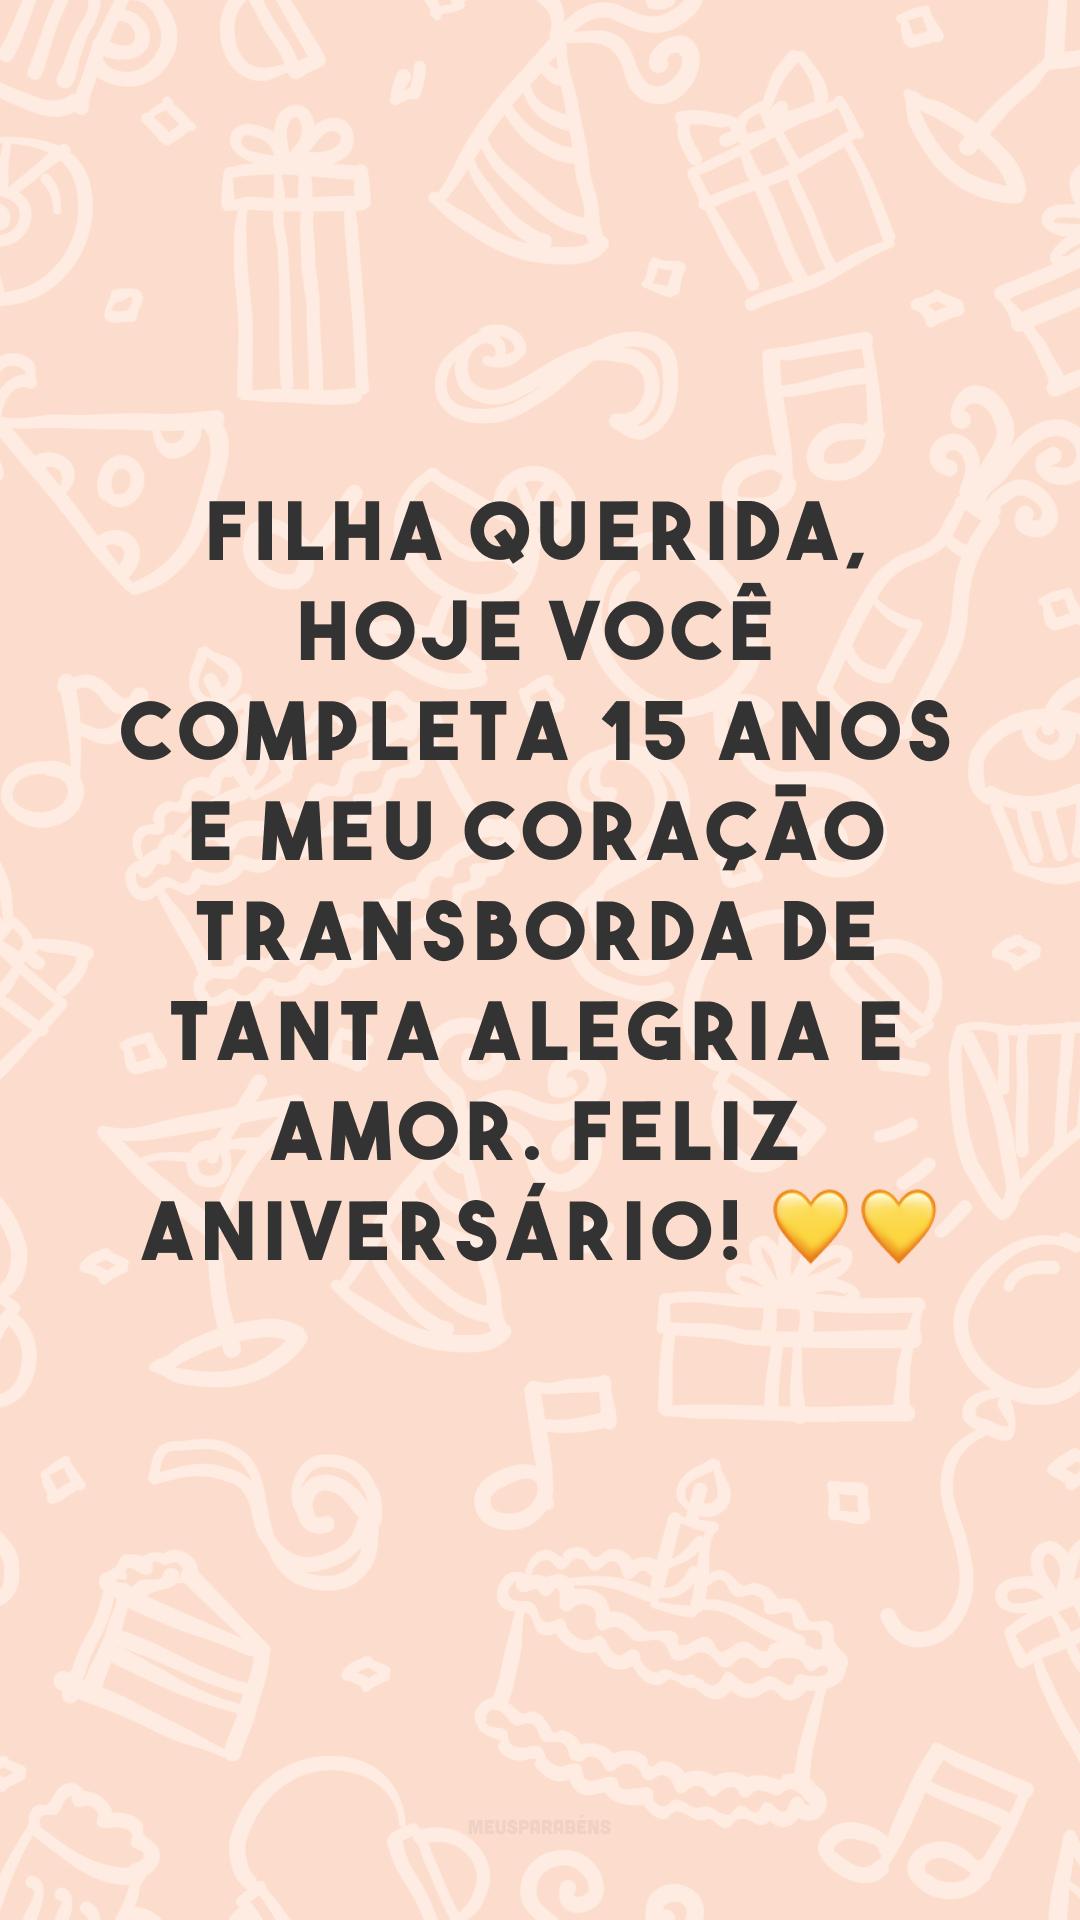 Filha querida, hoje você completa 15 anos e meu coração transborda de tanta alegria e amor. Feliz aniversário! 💛💛